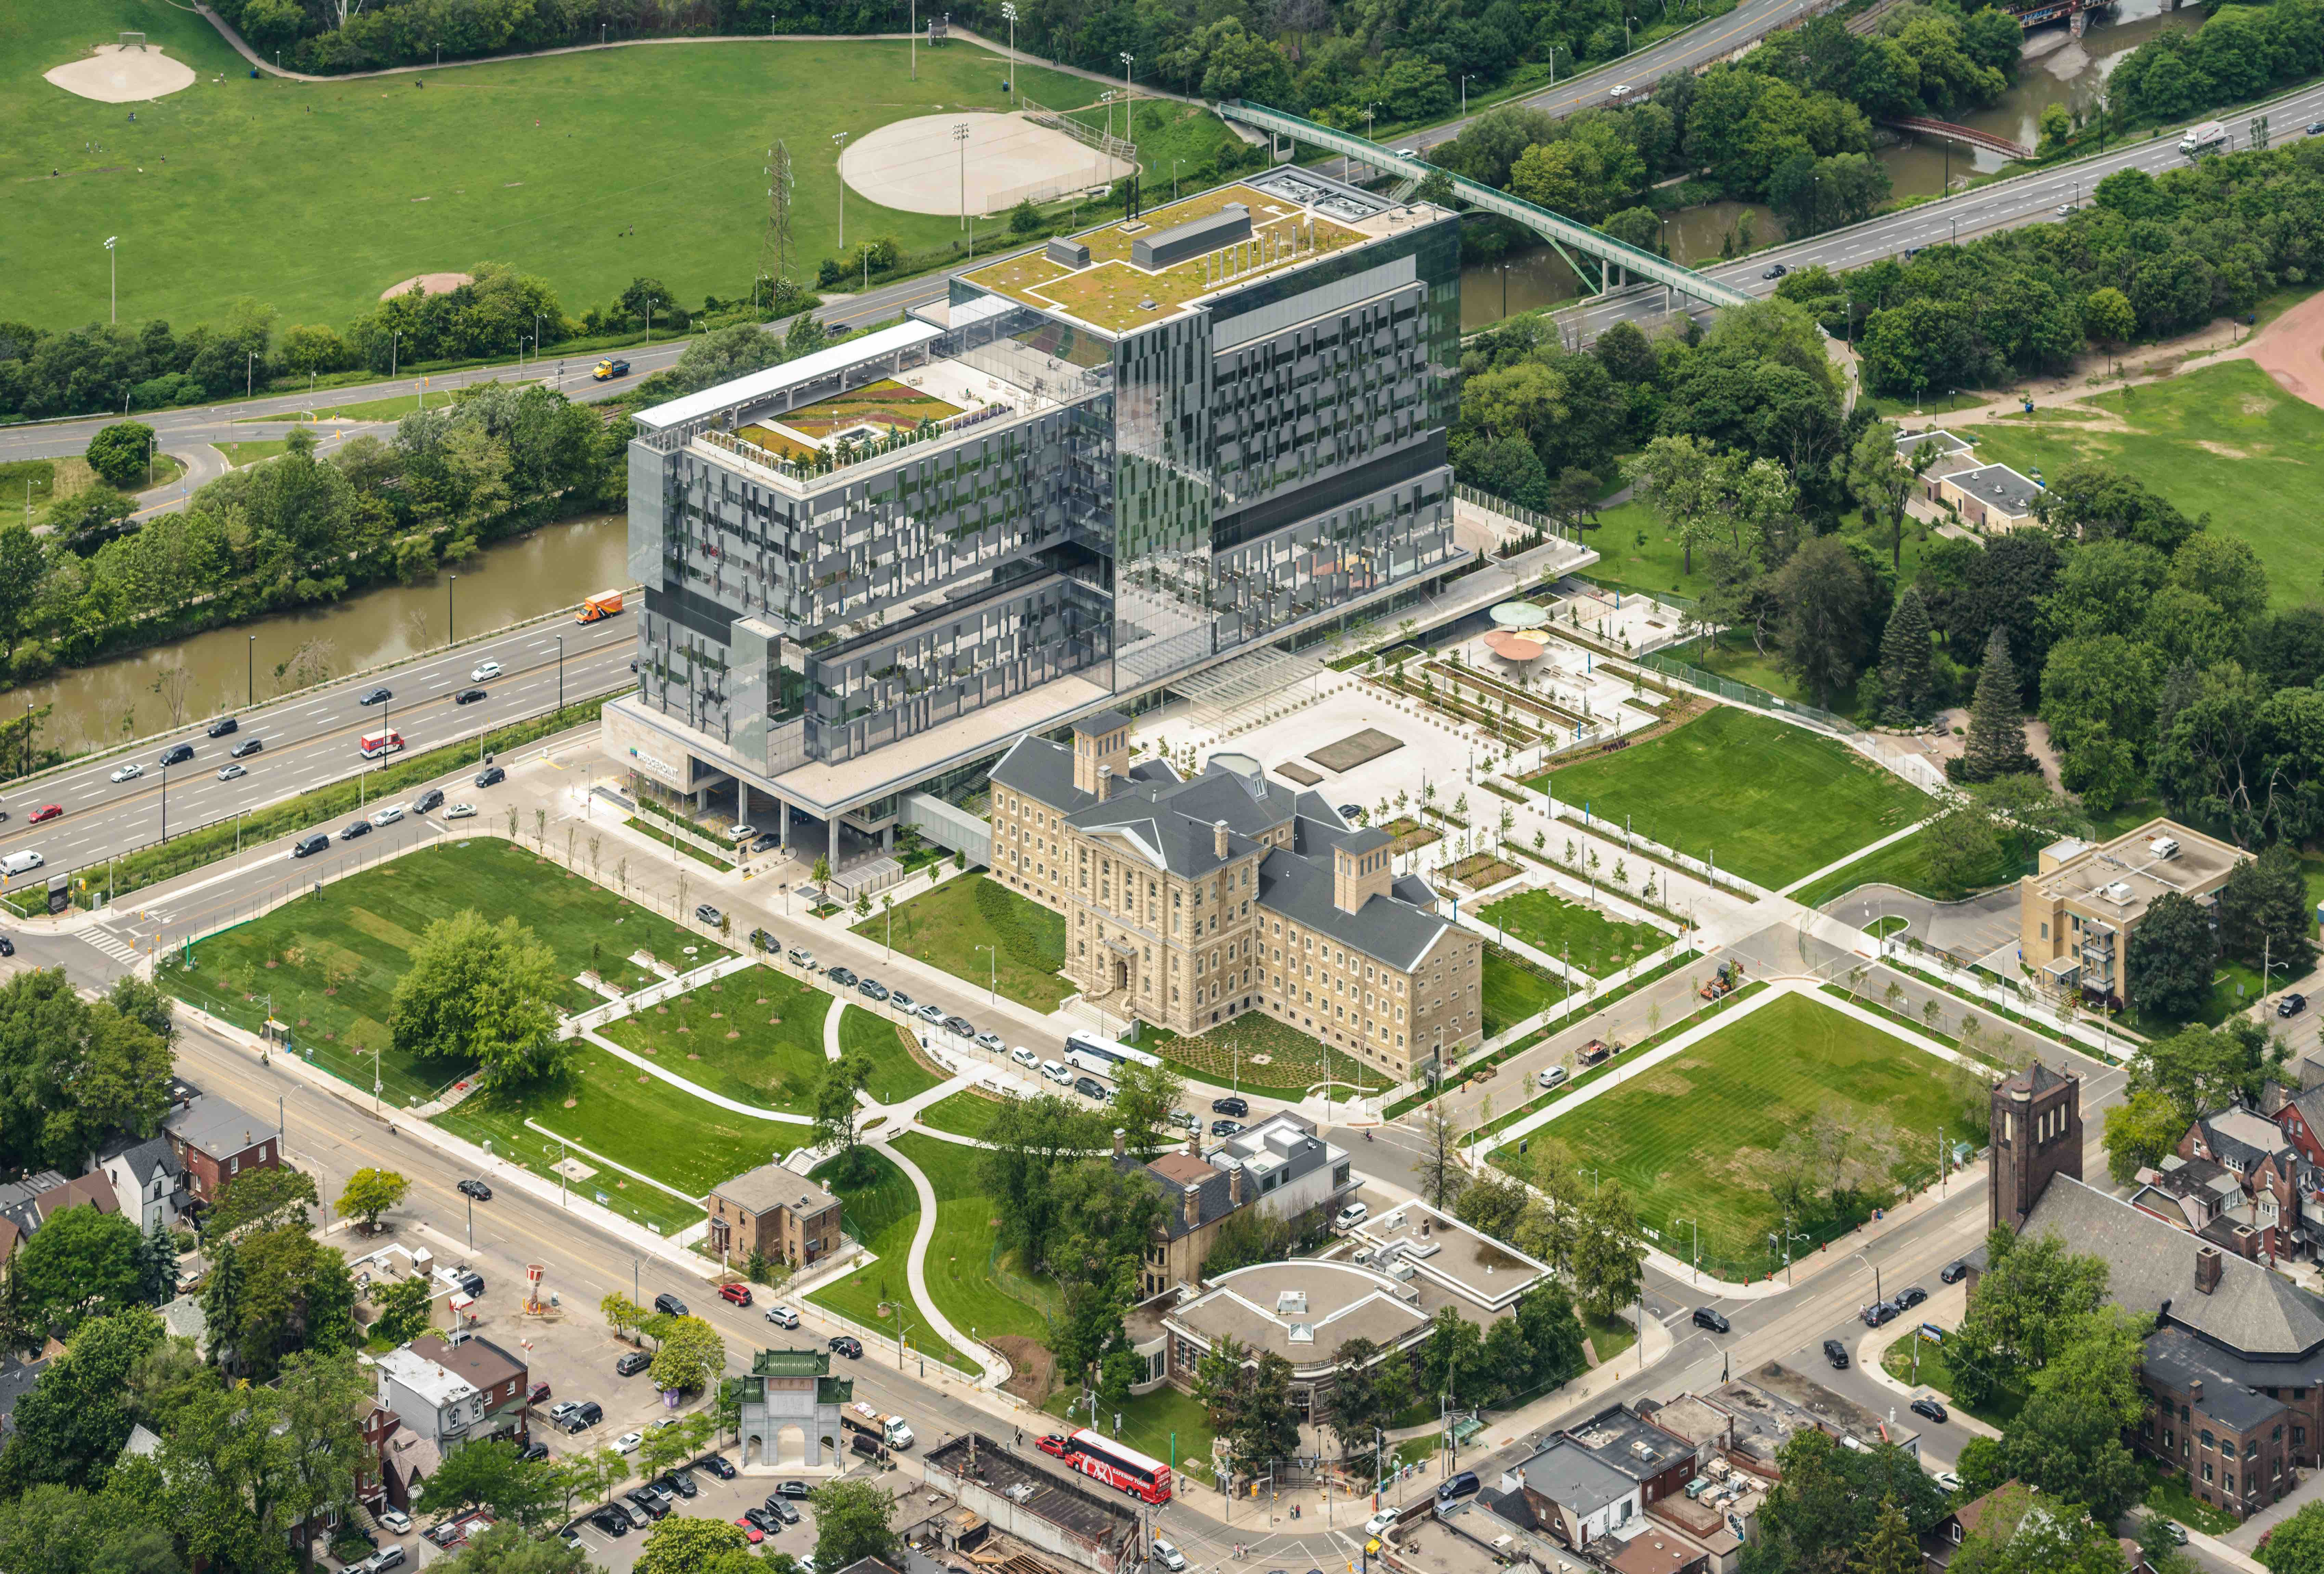 Bridgepoint Hospital Aerial View.jpg